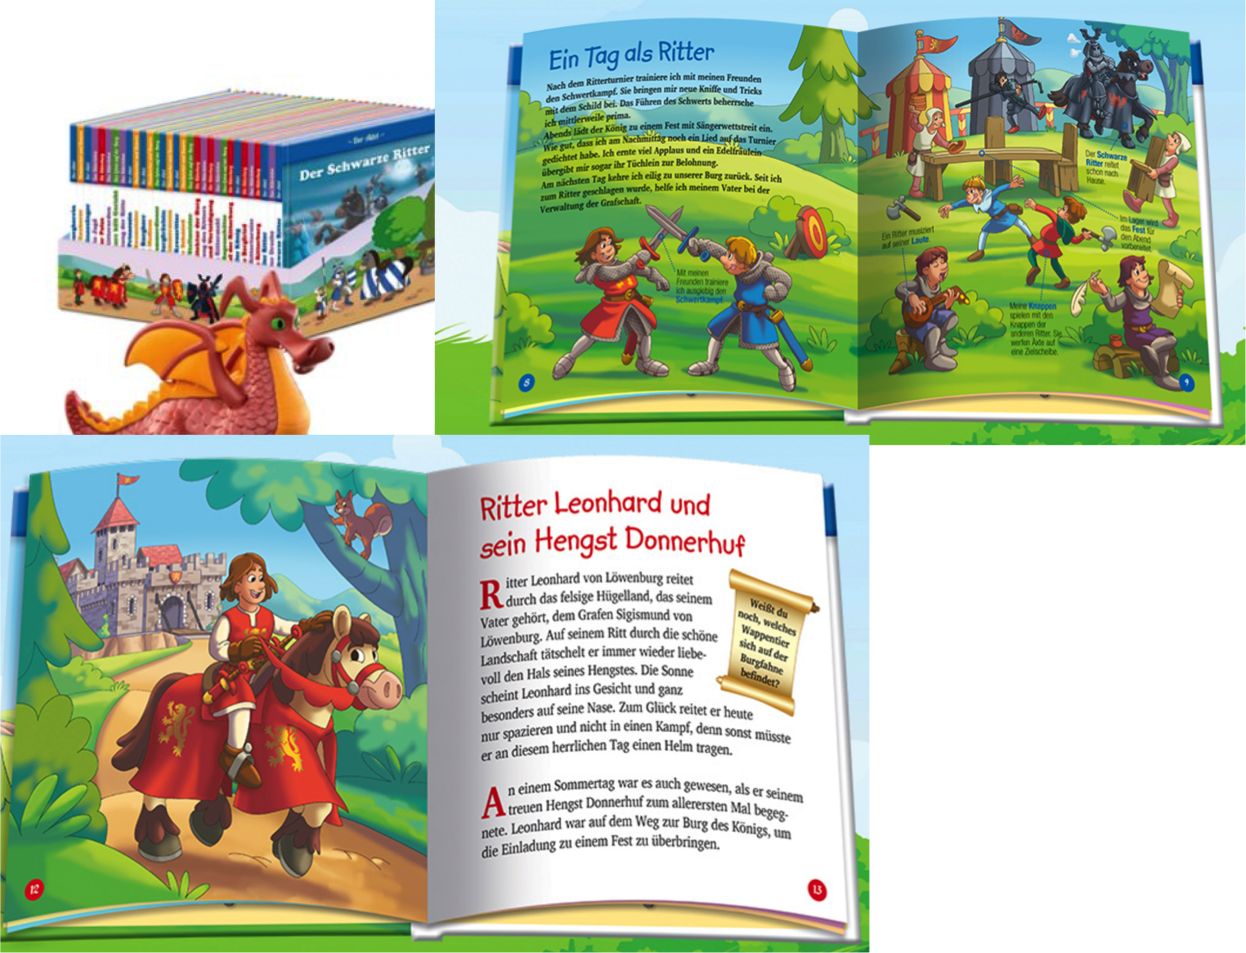 20 Bücher, Fachredaktion (Bücher mit entworfen und geschrieben, Lektorat und Koordination mit Illustratoren), 2015–2016 (Éditions Atlas)